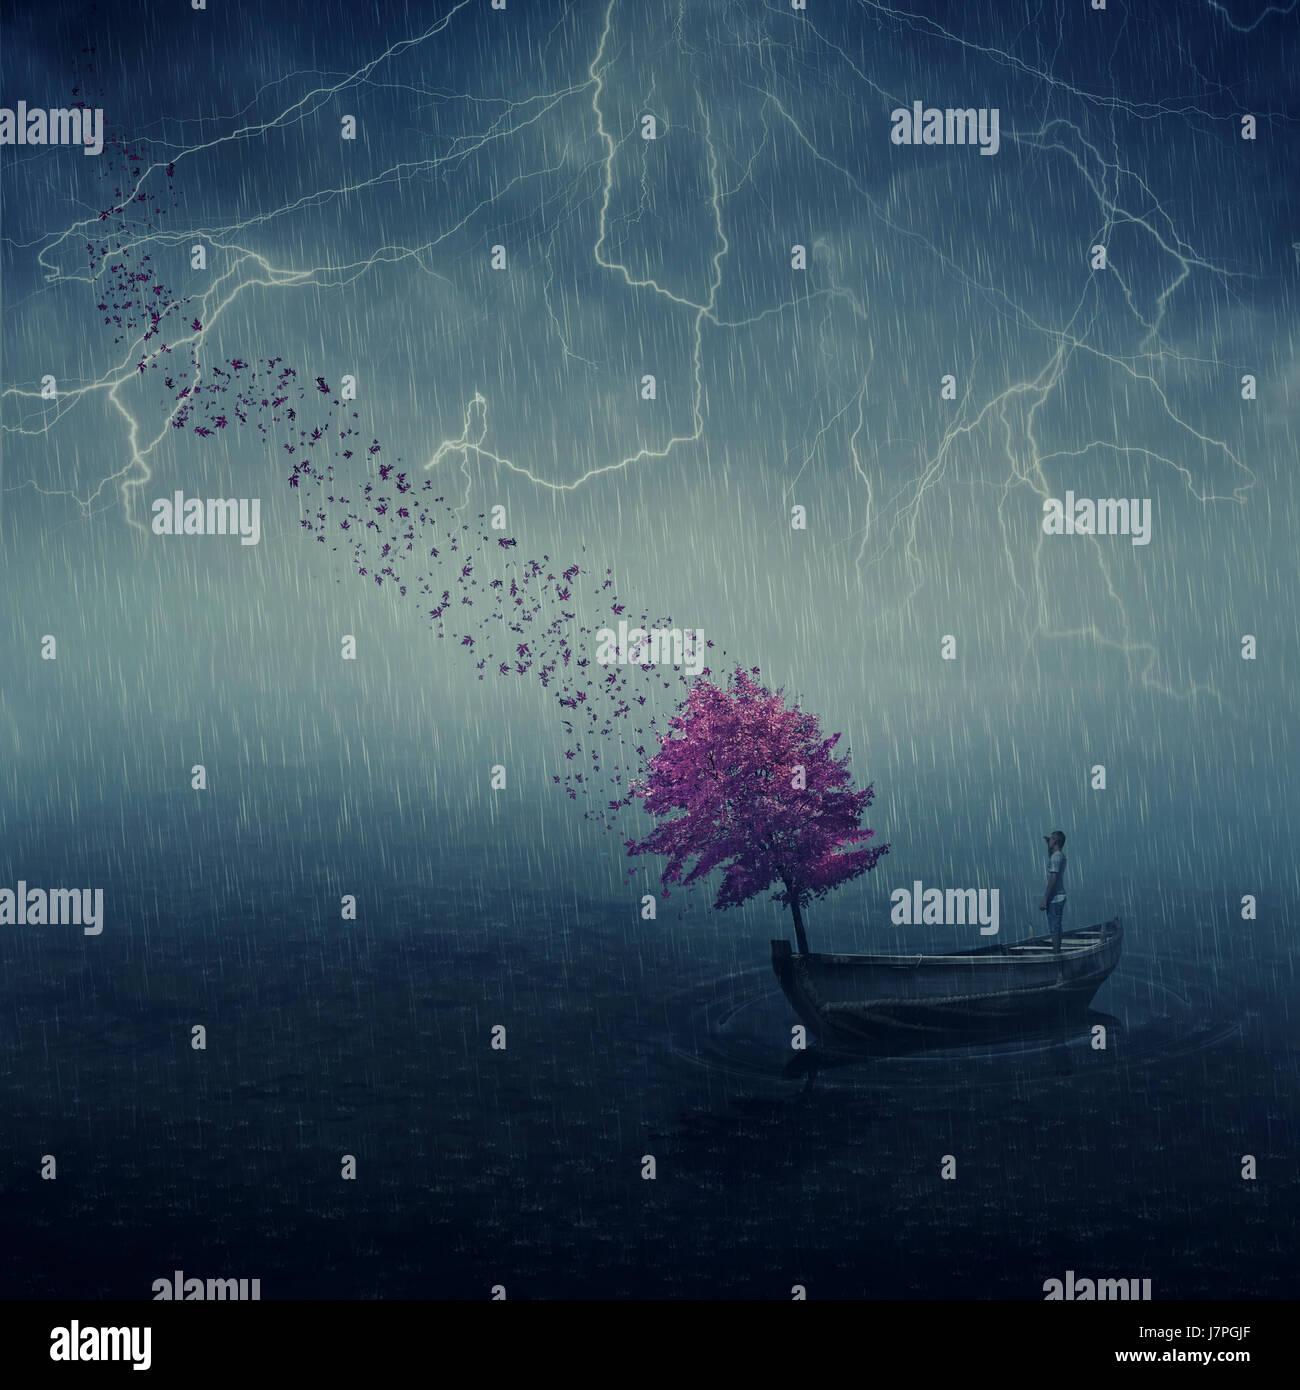 Surrealistisches Bild als einsame junge schwebend in einem Holzboot mit einem lila Baum, der seine Blätter Stockbild